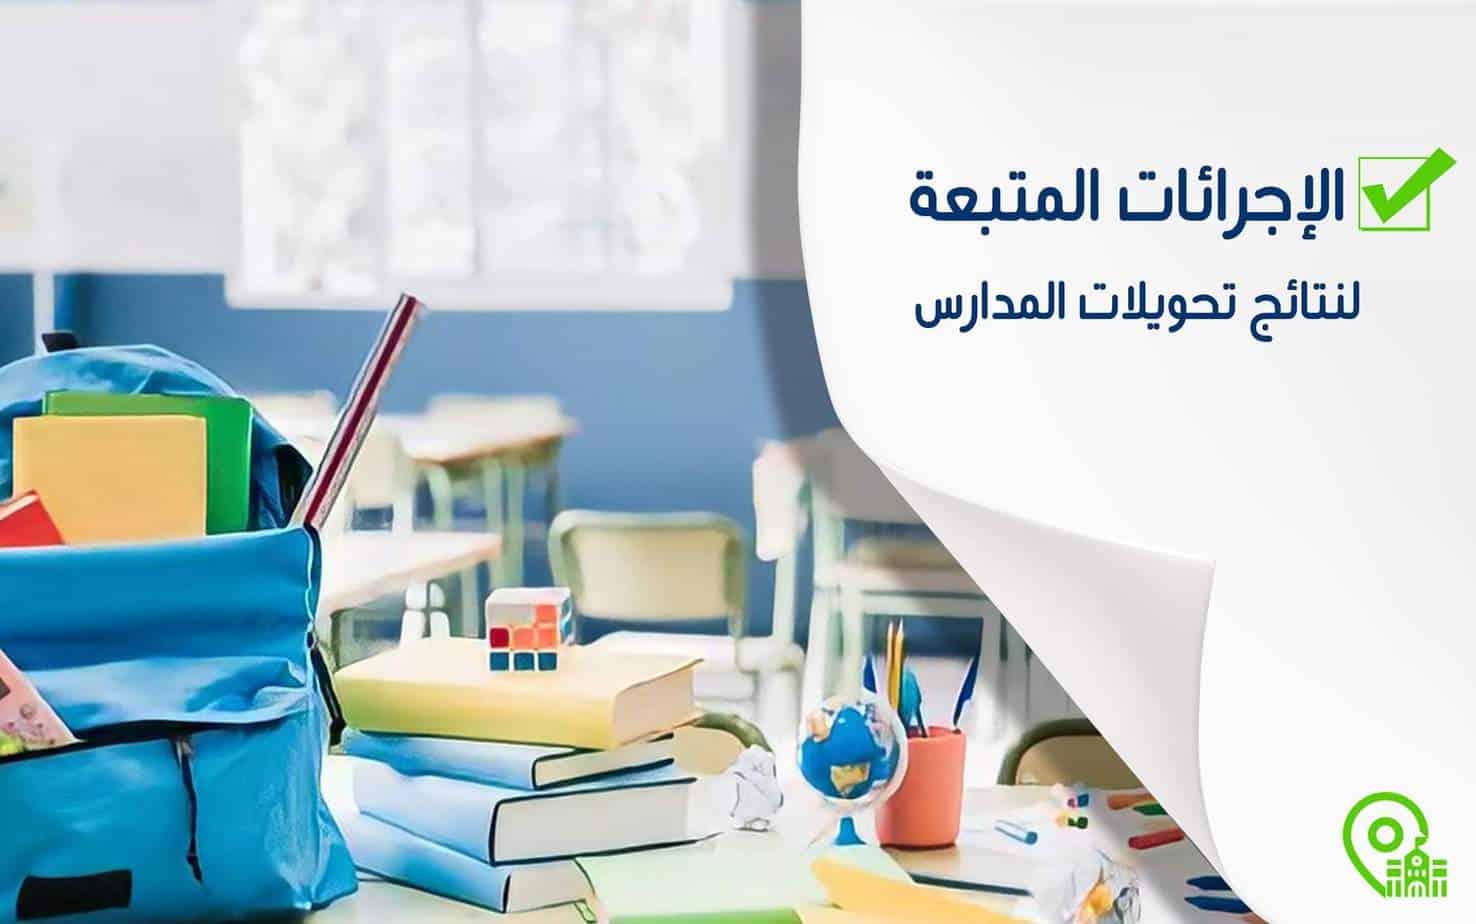 و مواعيد تحويلات المدارس الرسمية والرسمية لغات ومتميزة 1